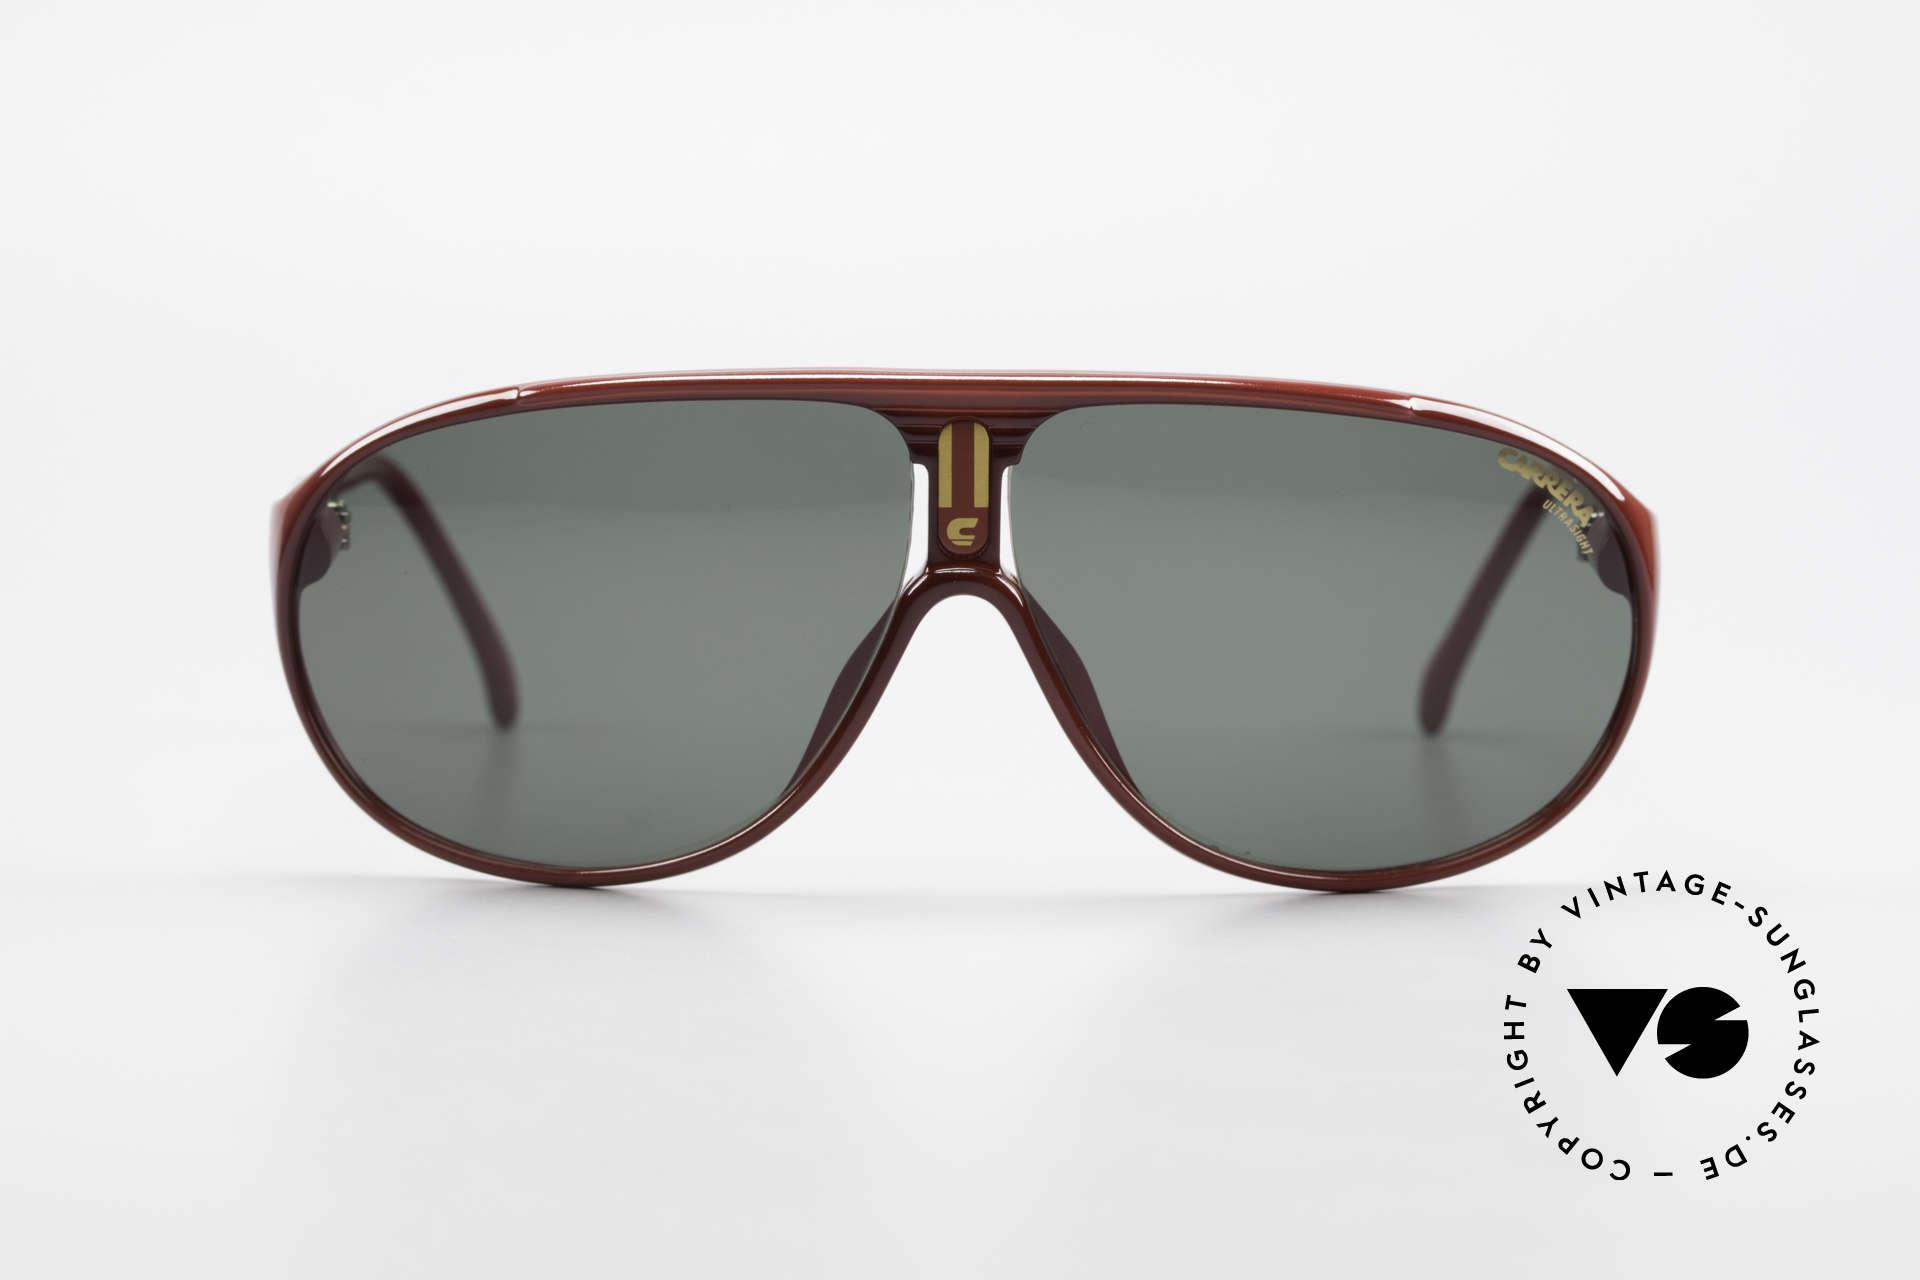 Carrera 5412 Brille 3 Paar Wechselgläser, aus extrem robusten und langlebigen OPTYL-Material, Passend für Herren und Damen